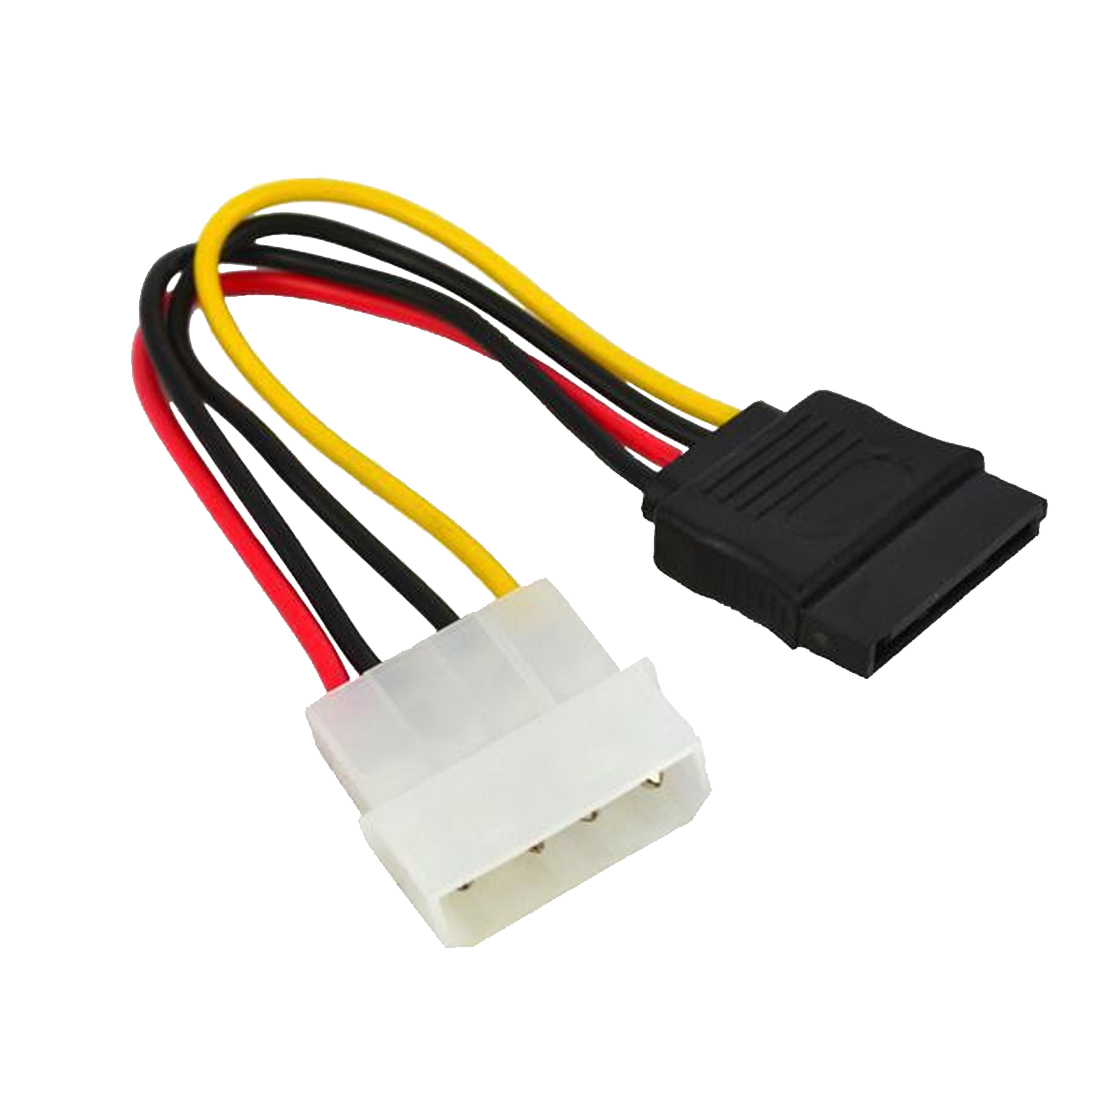 Marsnaska Hot 1pcs Serial ATA SATA 4 Pin IDE To 15 Pin HDD Power Adapter Cable Hard Drive Adapter Male To Female Cable